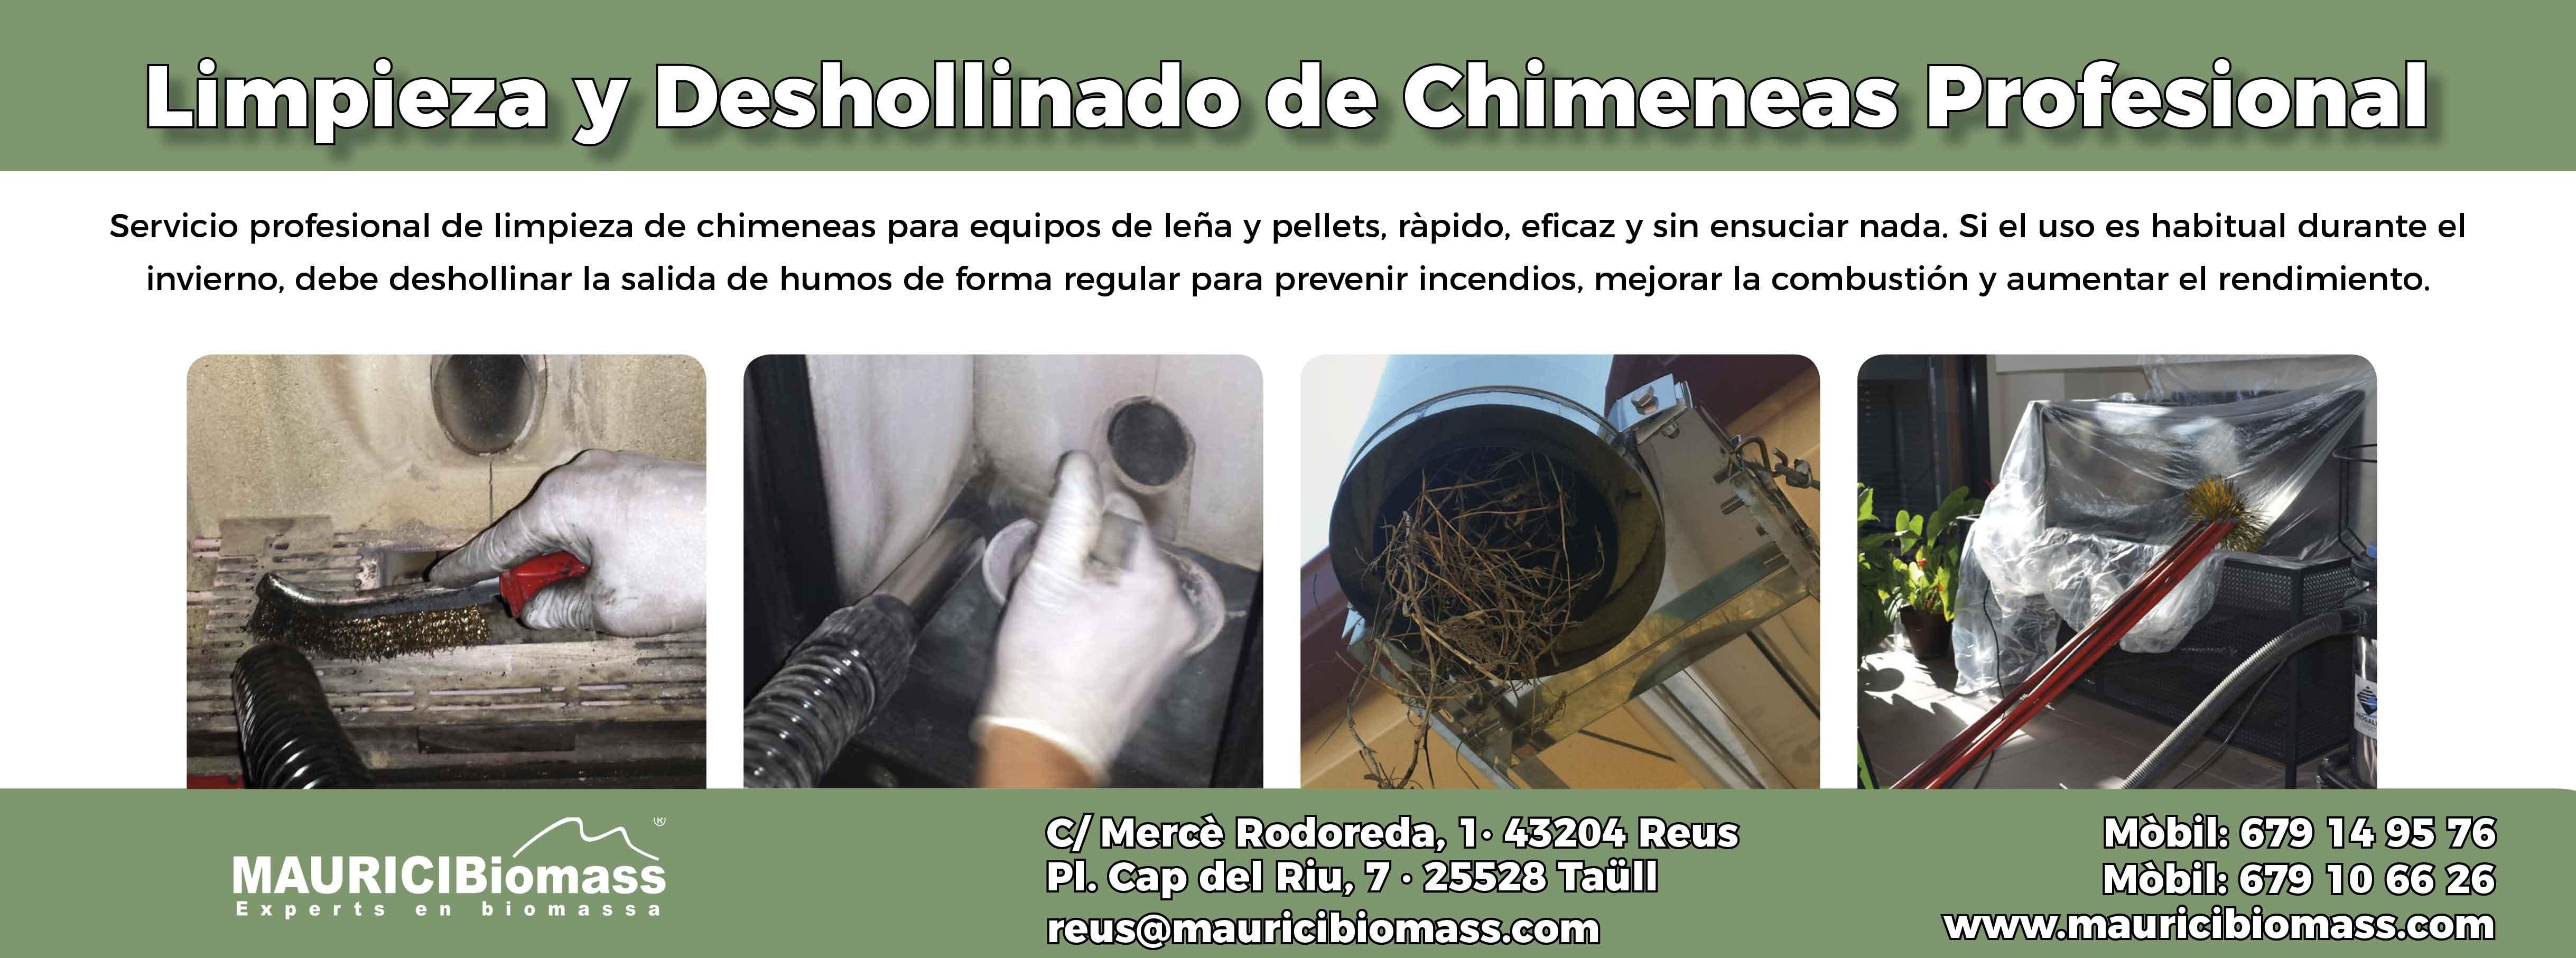 Limpieza y Deshollinado de Chimeneas Professional